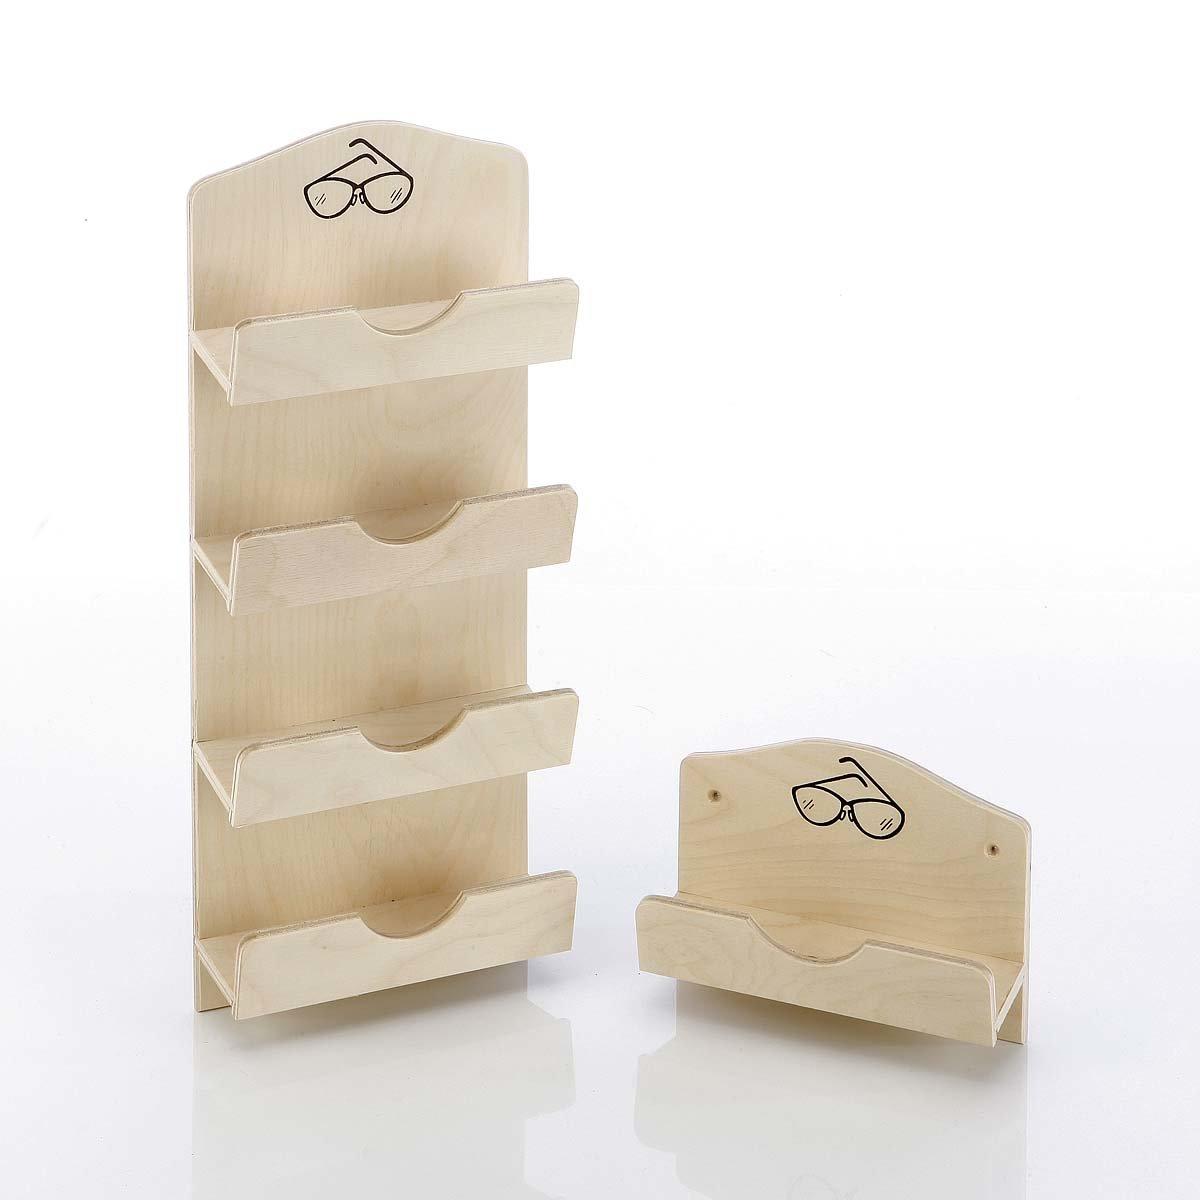 brillenablage f r die sauna 11 50. Black Bedroom Furniture Sets. Home Design Ideas